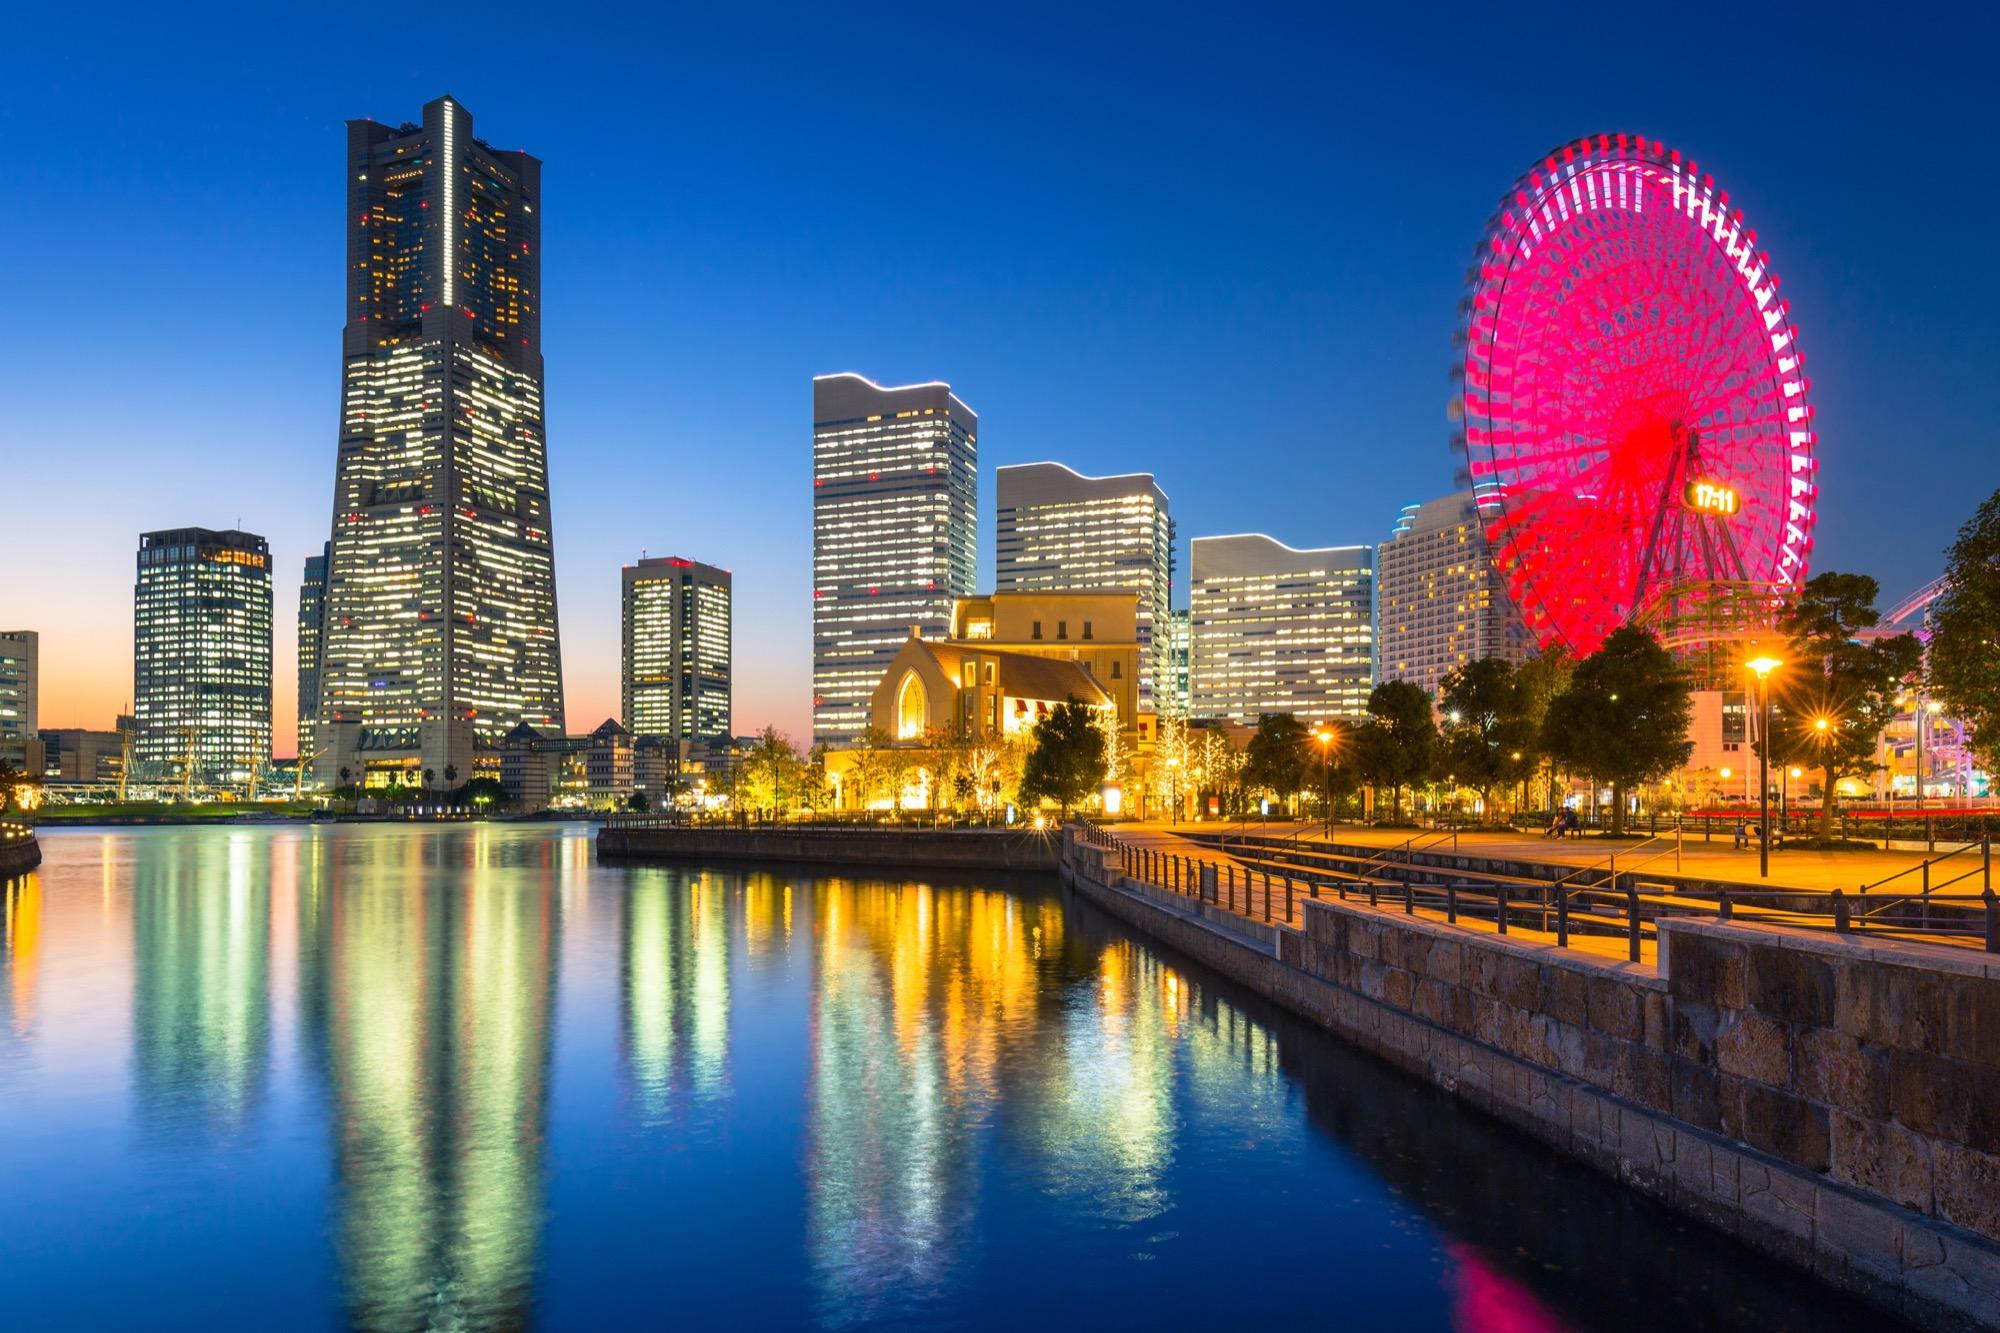 Japan: Im Süden von Tokio - Geheimtipps in Asien